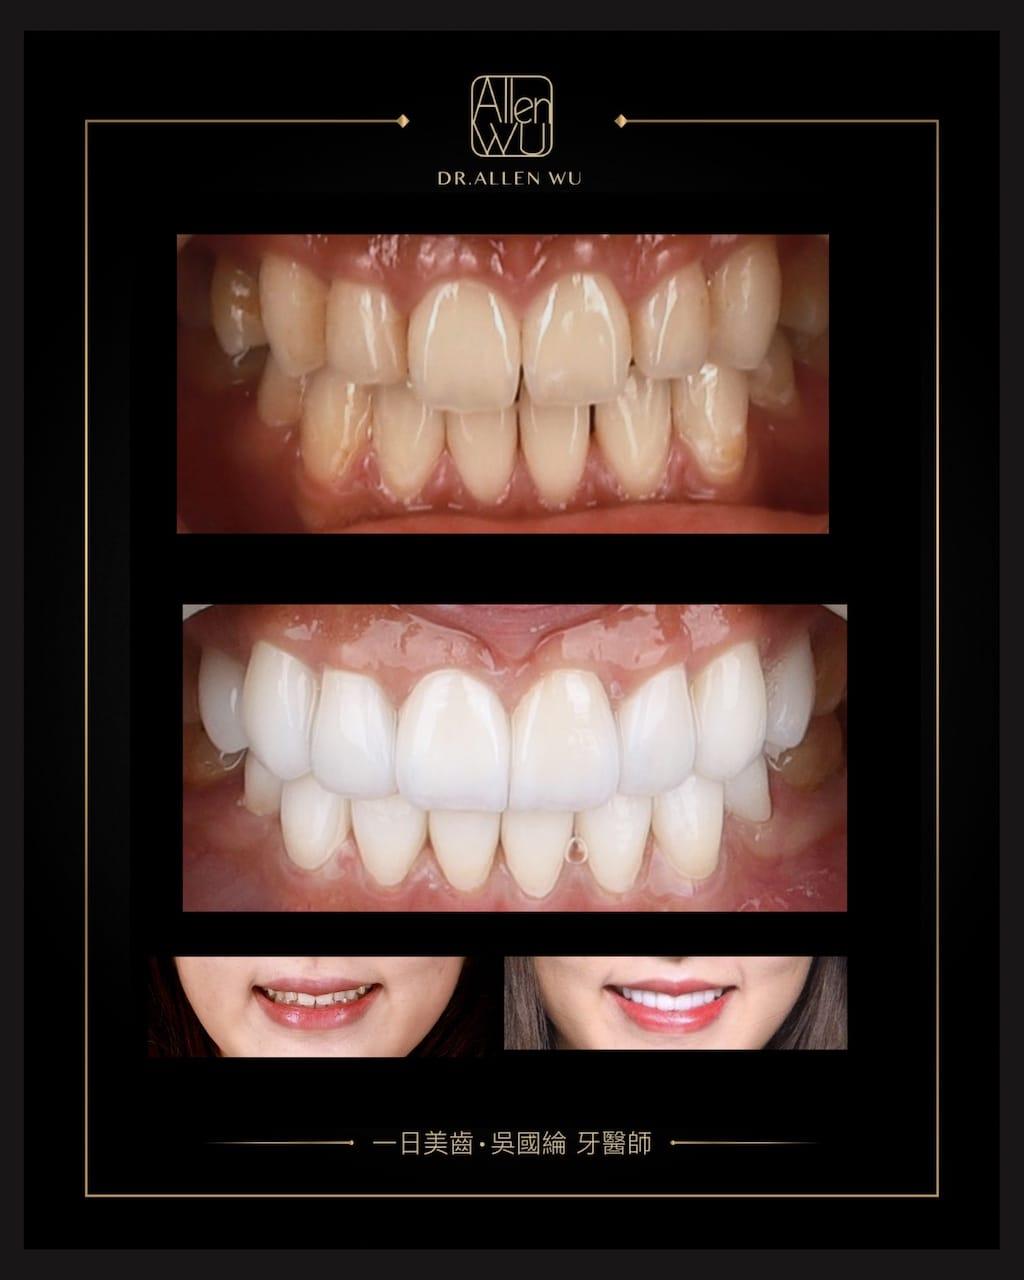 瓷牙貼片-DSD數位微笑設計-牙齒唇形-陶瓷貼片前後比較-牙齒美白貼片推薦專家-台中-吳國綸醫師